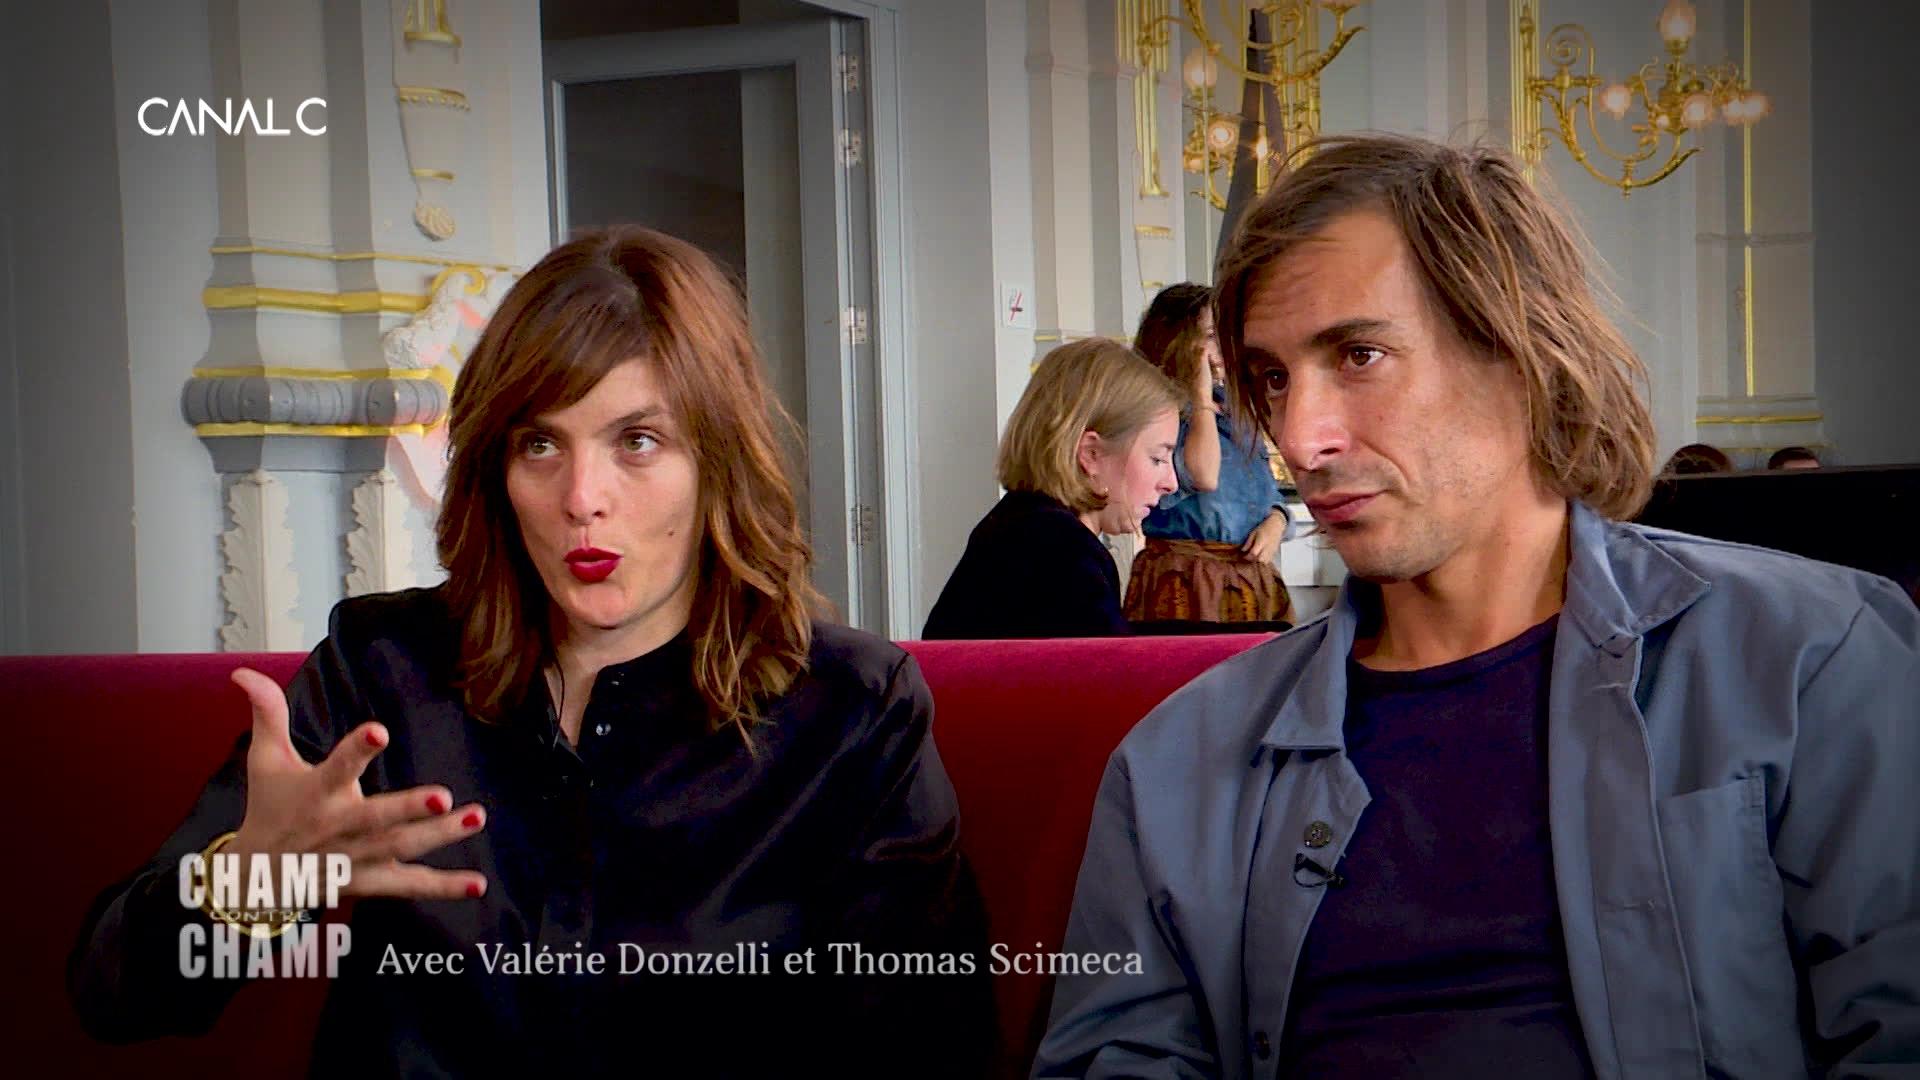 Valérie Donzelli et Thomas Scimeca